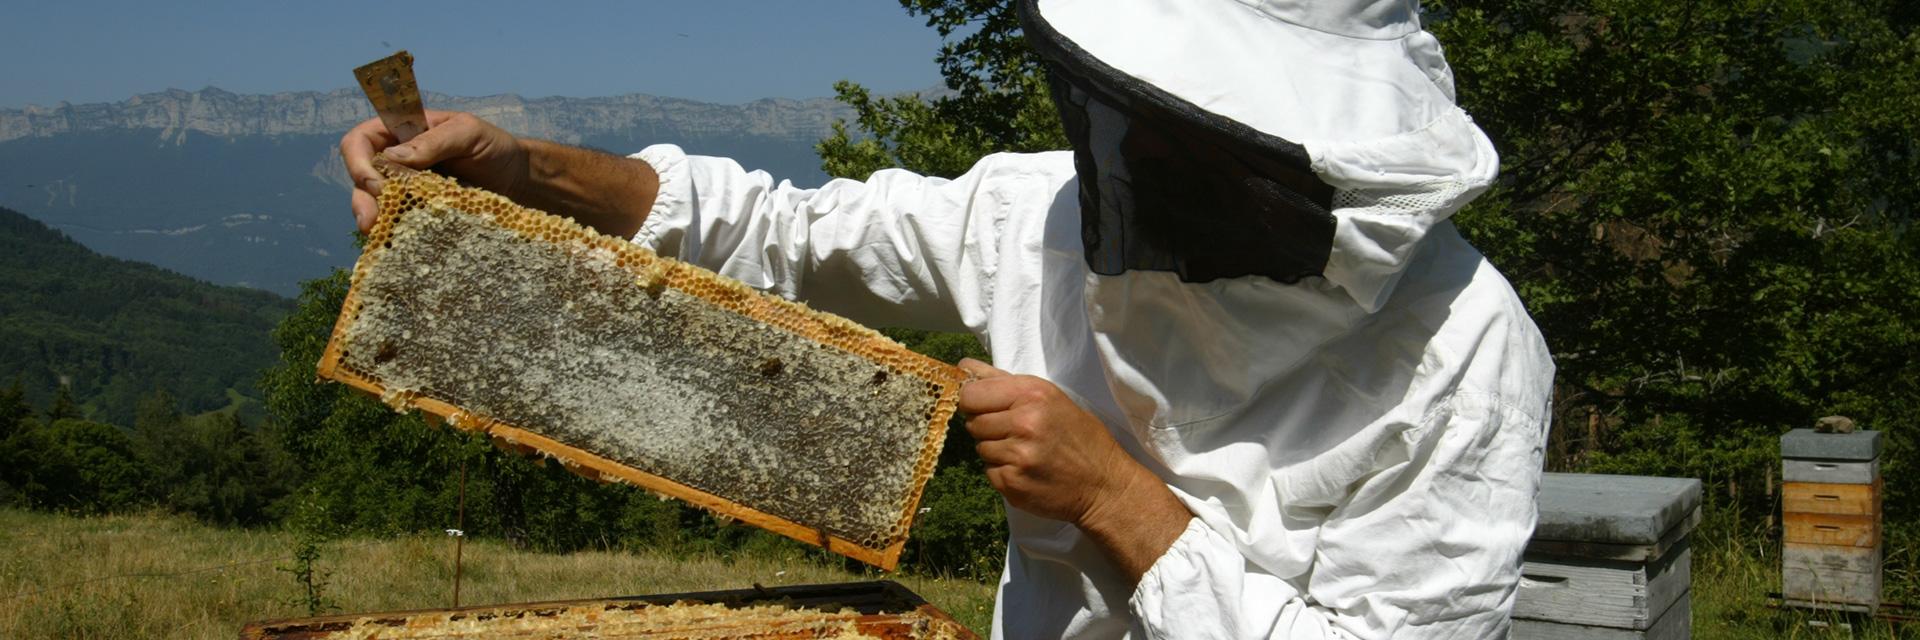 village-vacances-souffle-vert-apiculteur